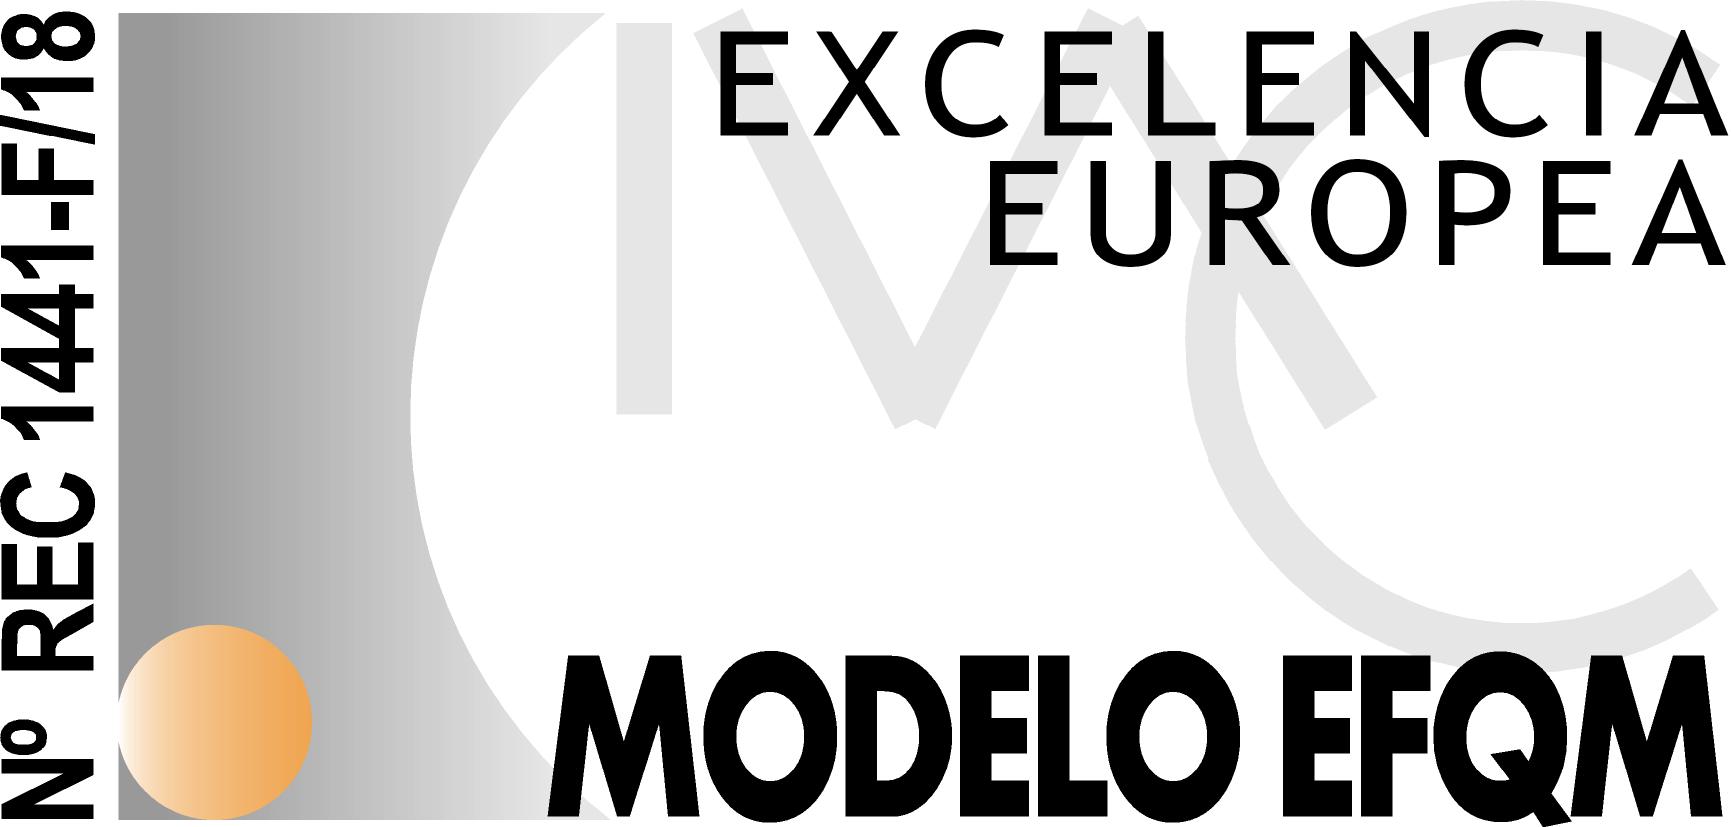 1441-F EXCELENCIA EUROPEA REC